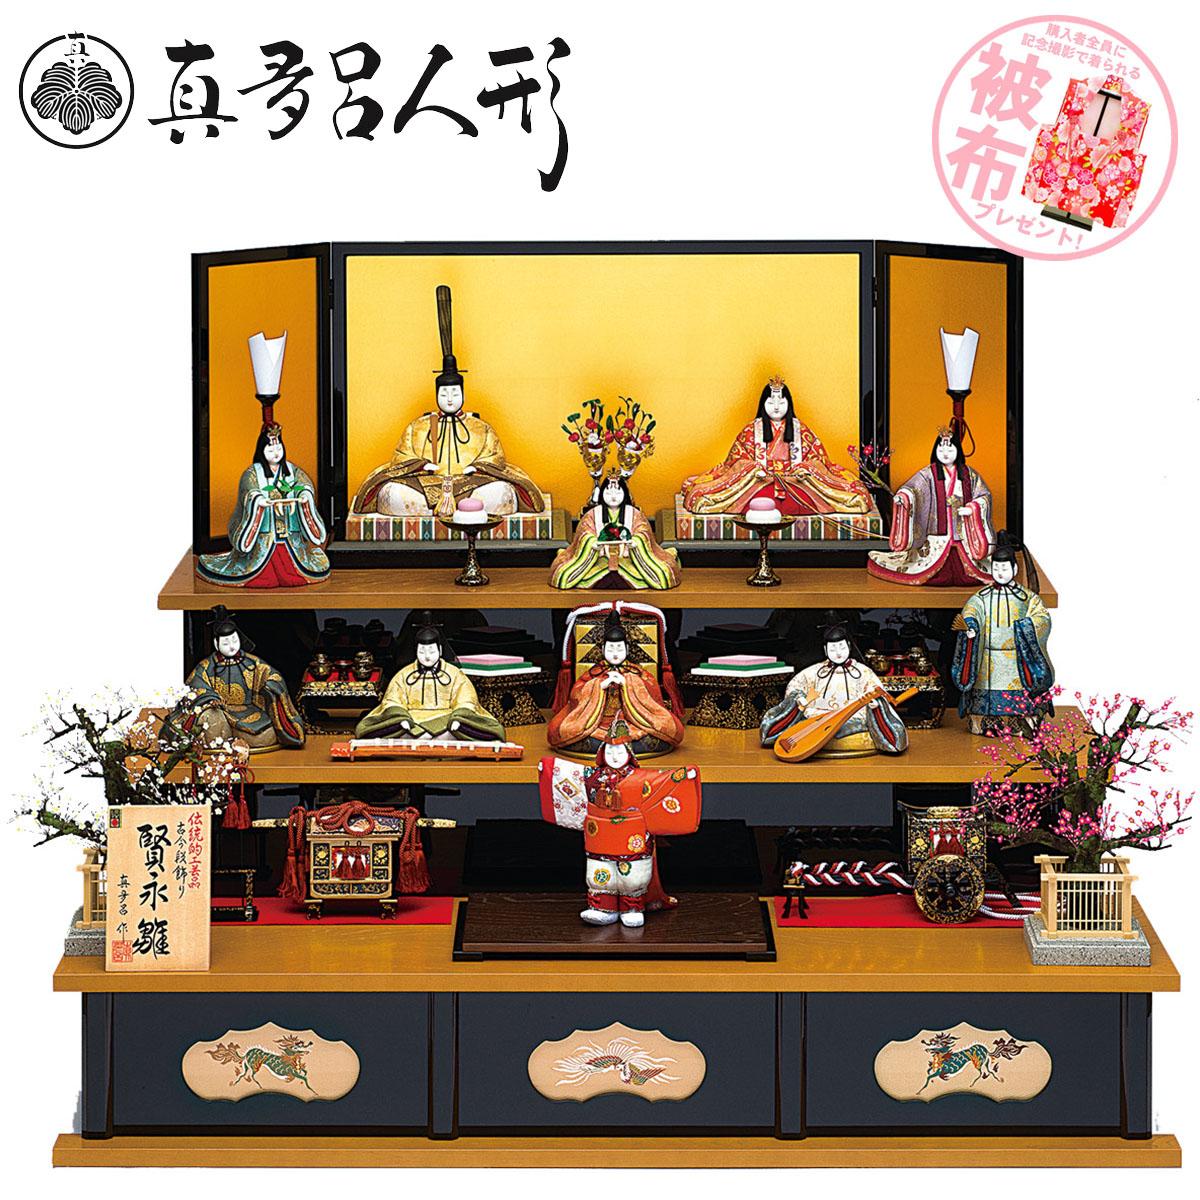 雛人形 2019年 新作 真多呂作 木目込み人形 三段飾り 古今段飾り 賢永雛11人揃セット 1309-058 ひな人形